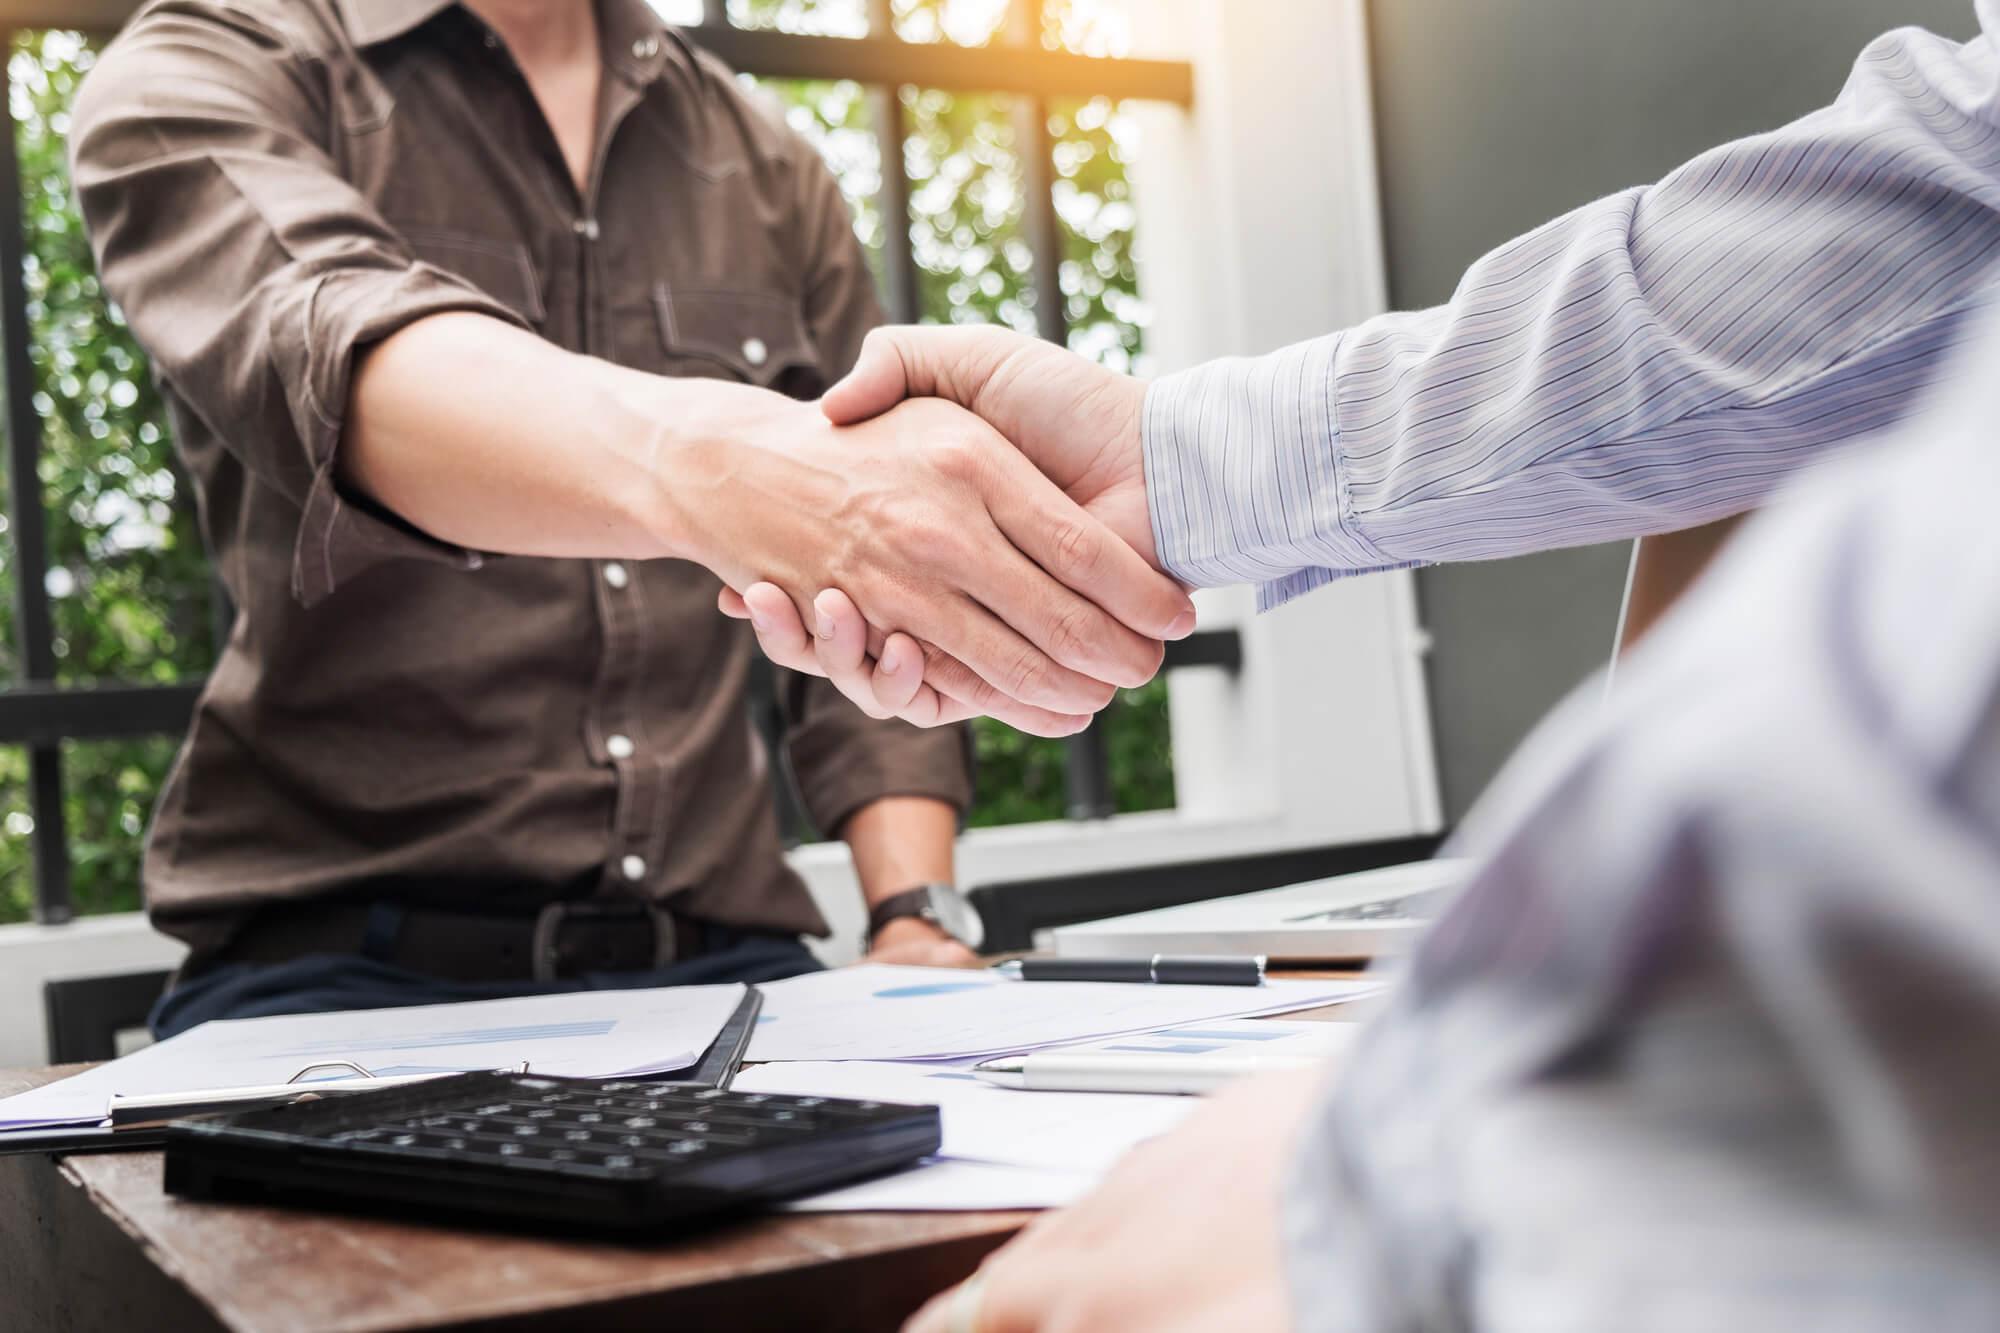 4-dicas-para-conquistar-novos-clientes-para-seu-negocio